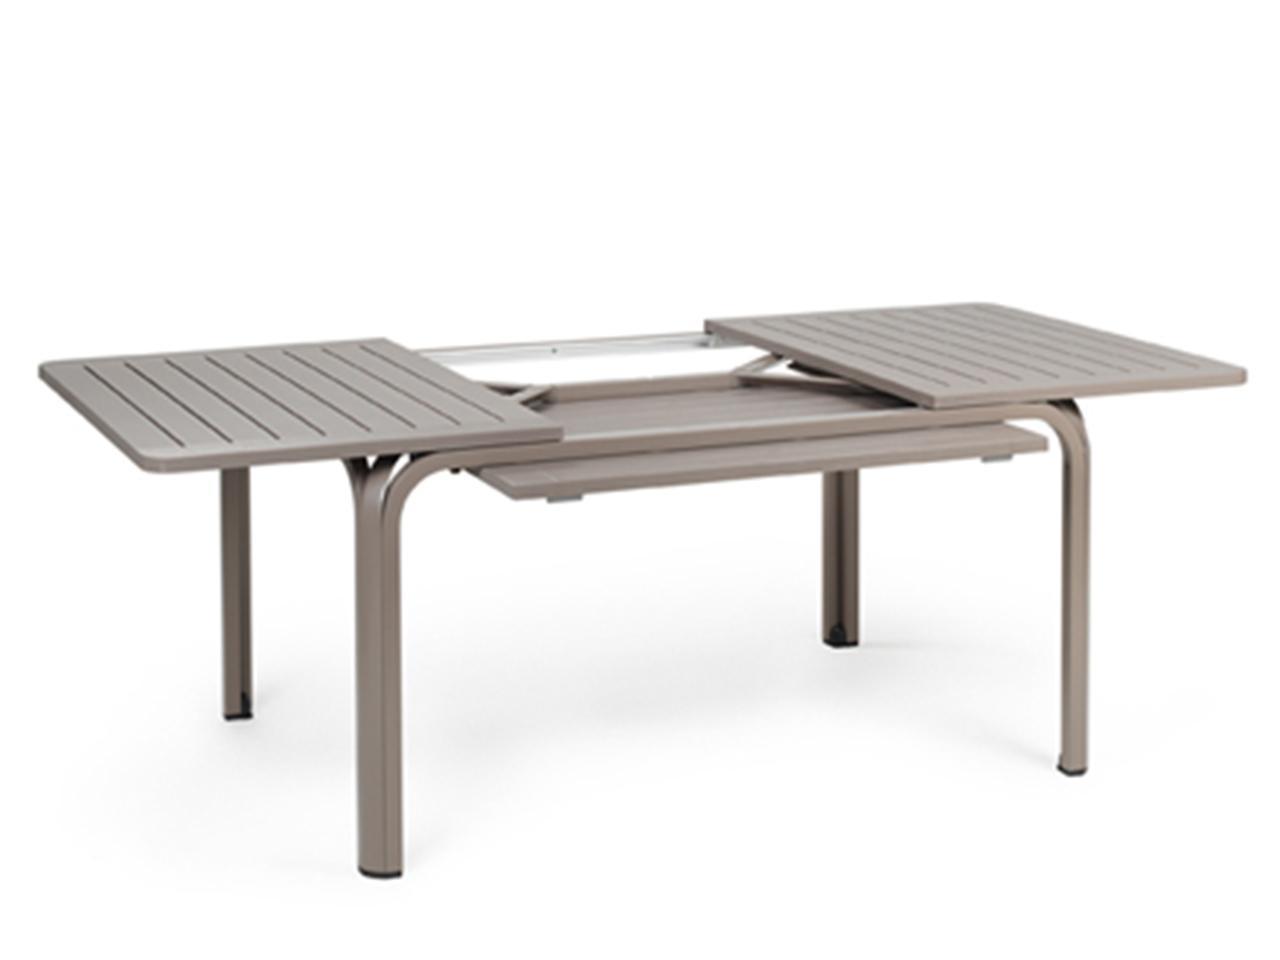 Стол пластиковый раздвижной 210-280 Extensible Alloro